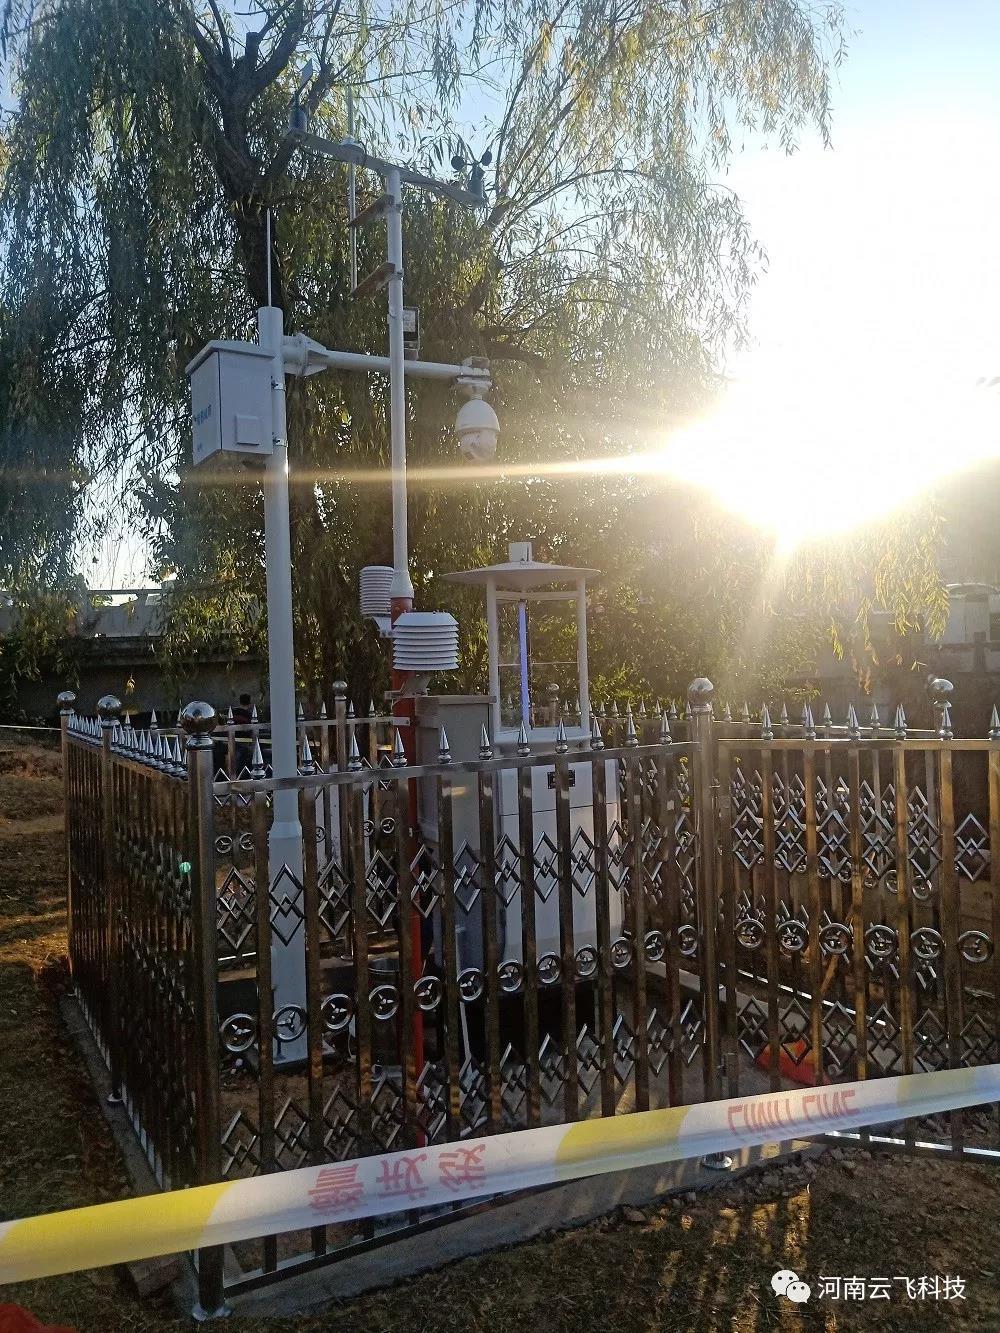 物联网虫情测报灯和自动气象站